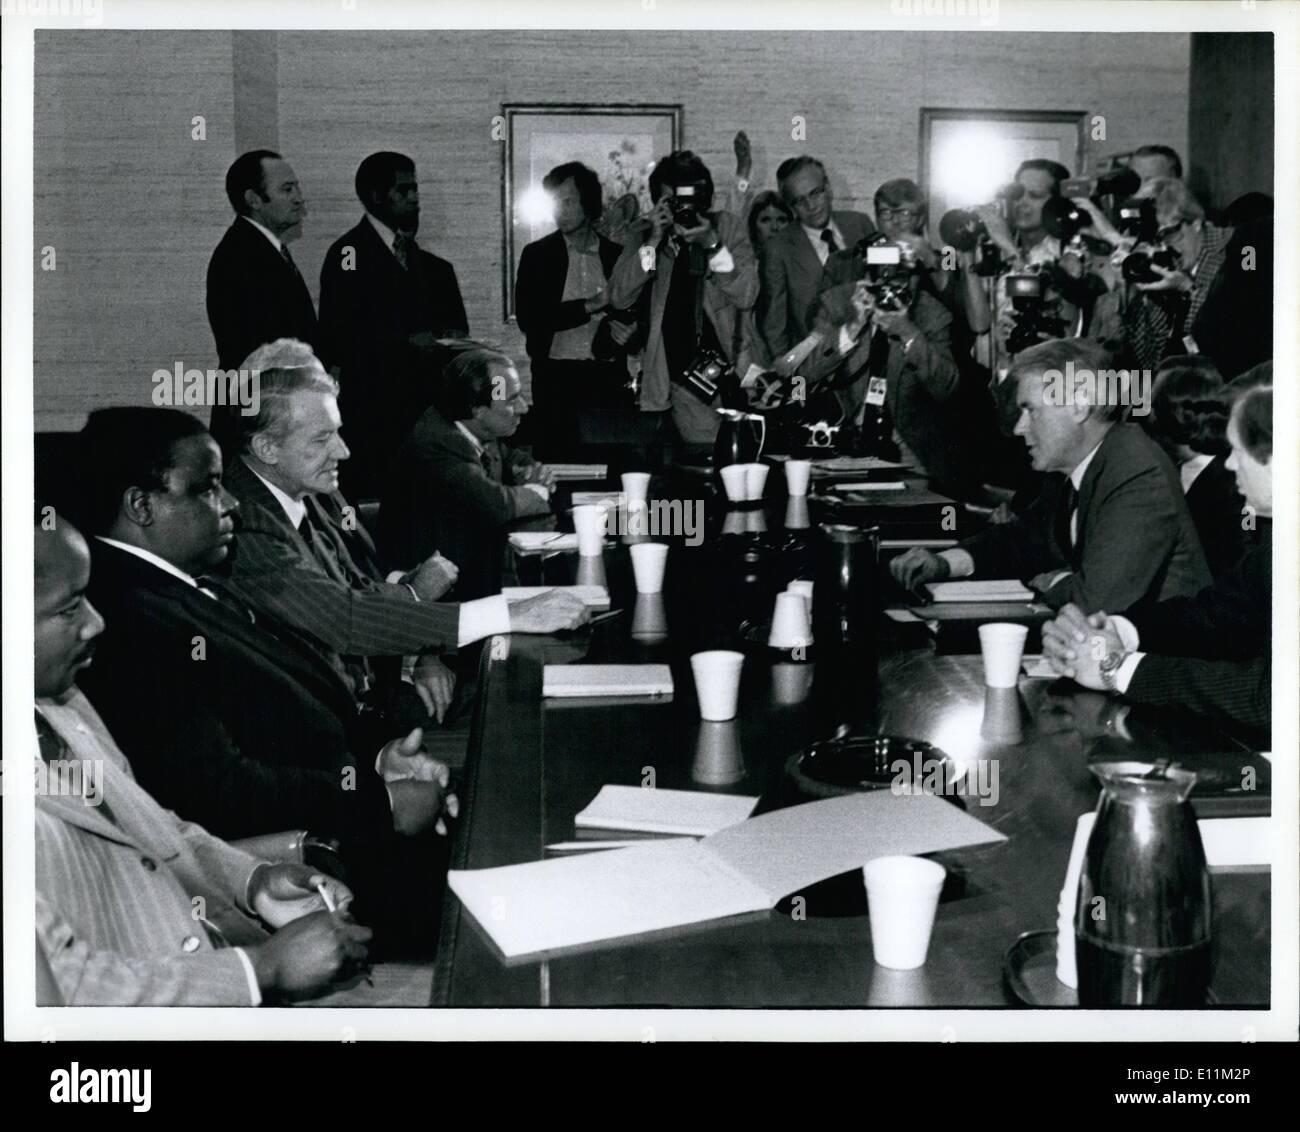 10 octobre 1978 - Le Département d'État réunis à Sec. Vance. Photo Stock